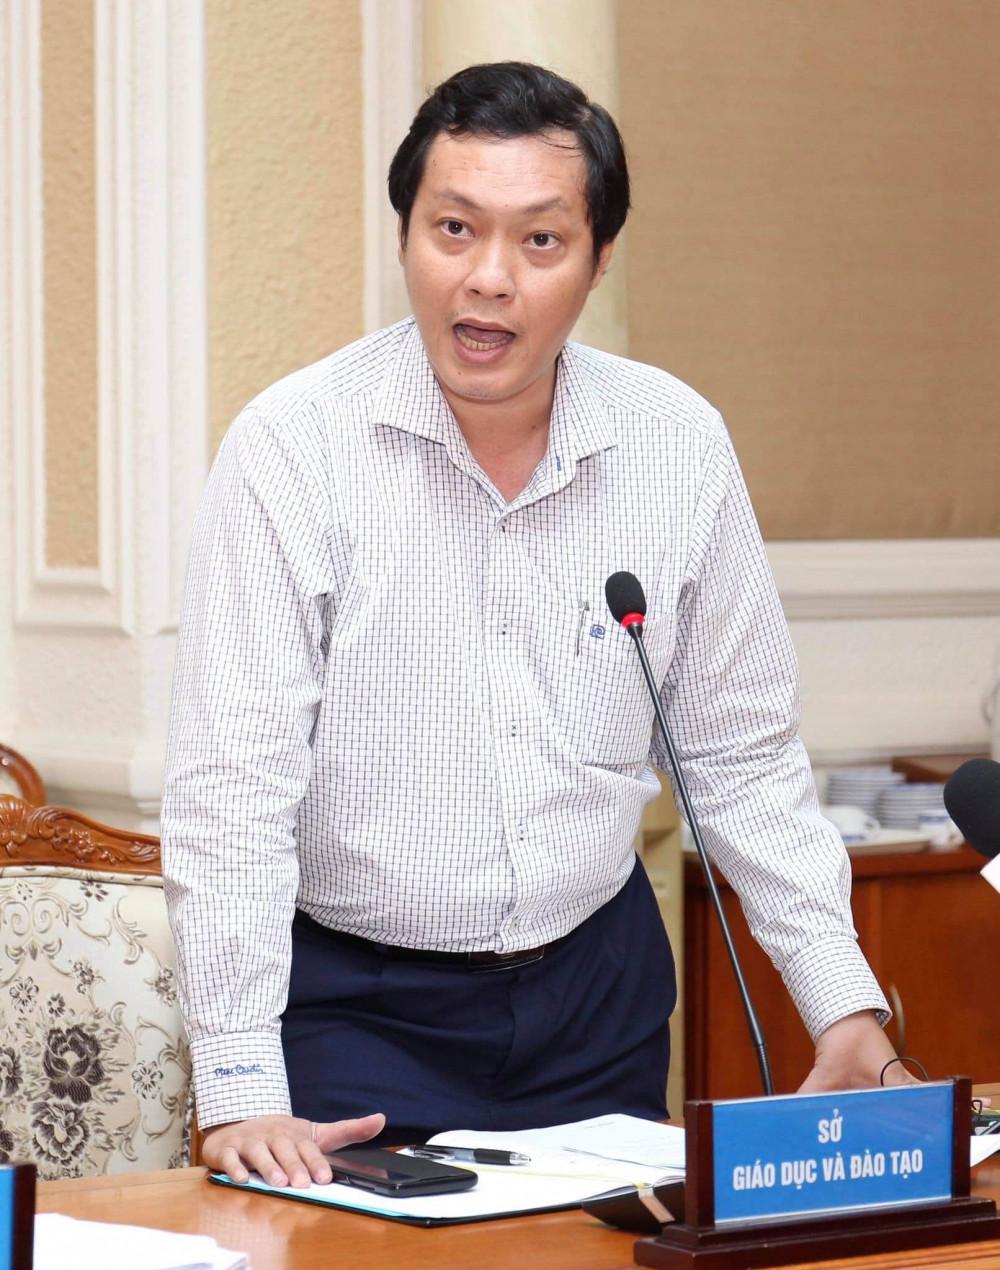 Ông Nguyễn Thành Trung - Chánh văn phòng Sở Giáo dục và Đào tạo TPHCM - trả lời tại buổi họp báo do UBND TPHCM tổ chức chiều 23/7. Ảnh: TTBC